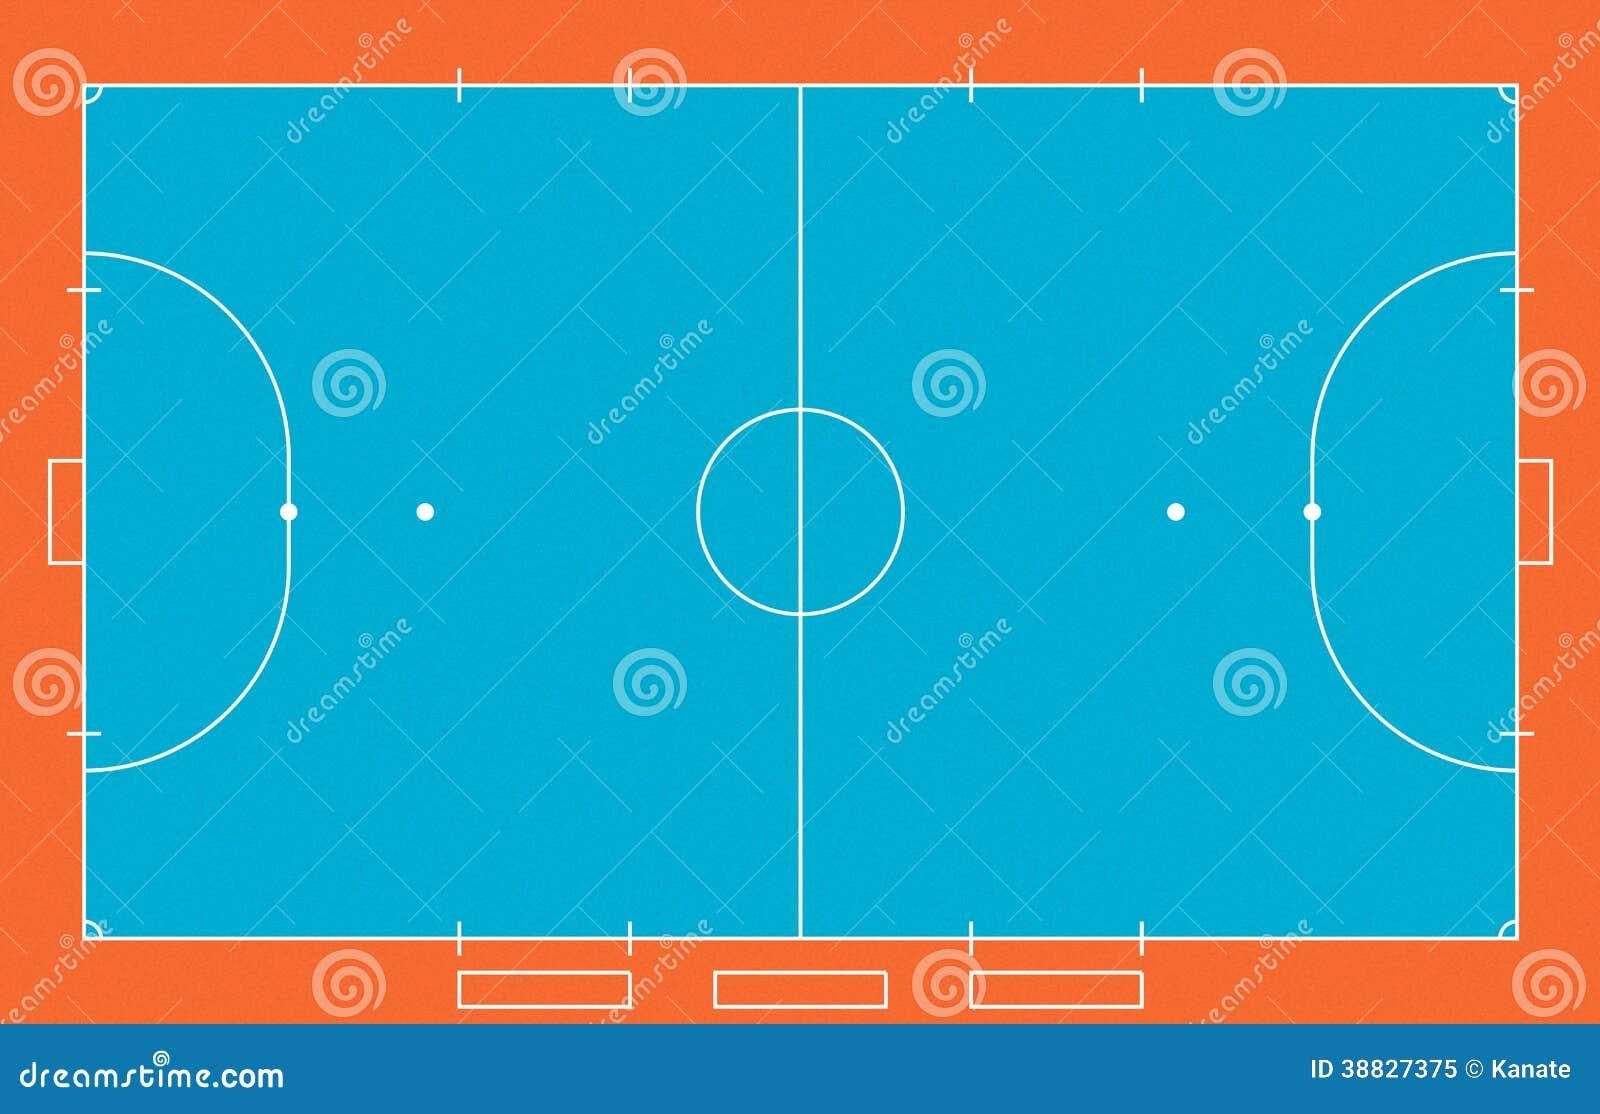 Campo de Futsal imagem de stock. Imagem de competição - 38827375 26949ca7d5f2d